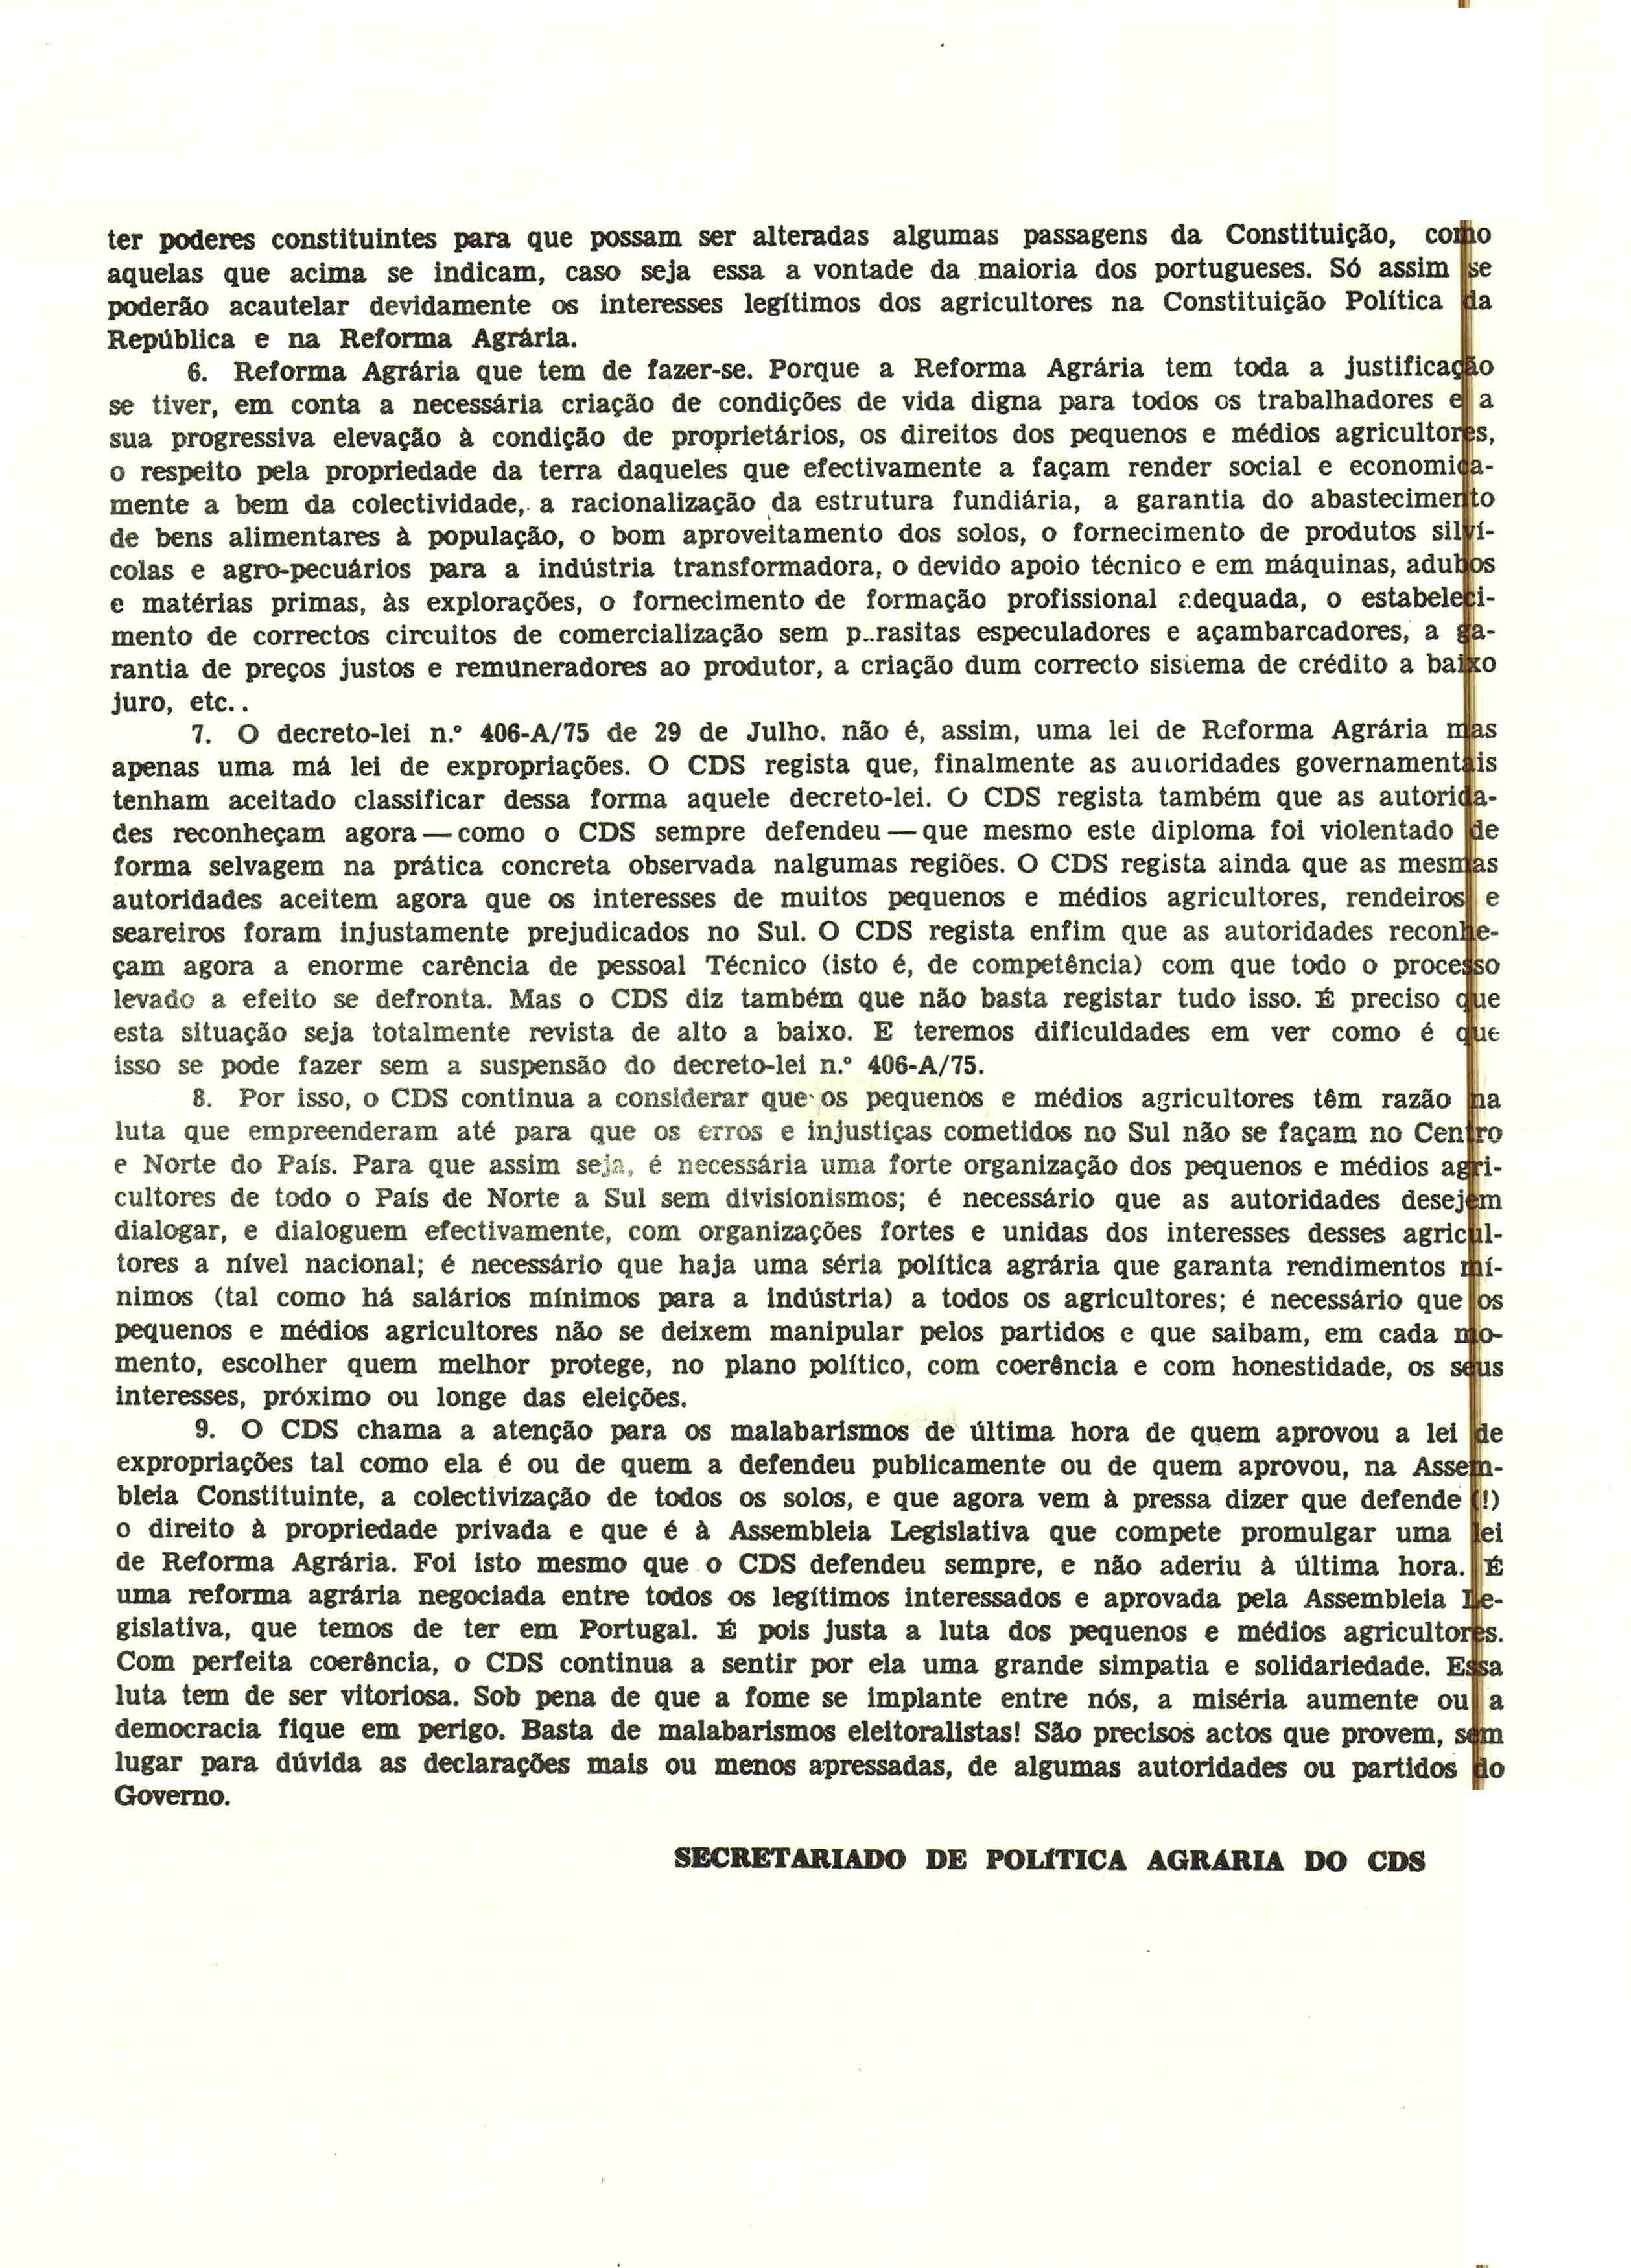 Document (150) (2)